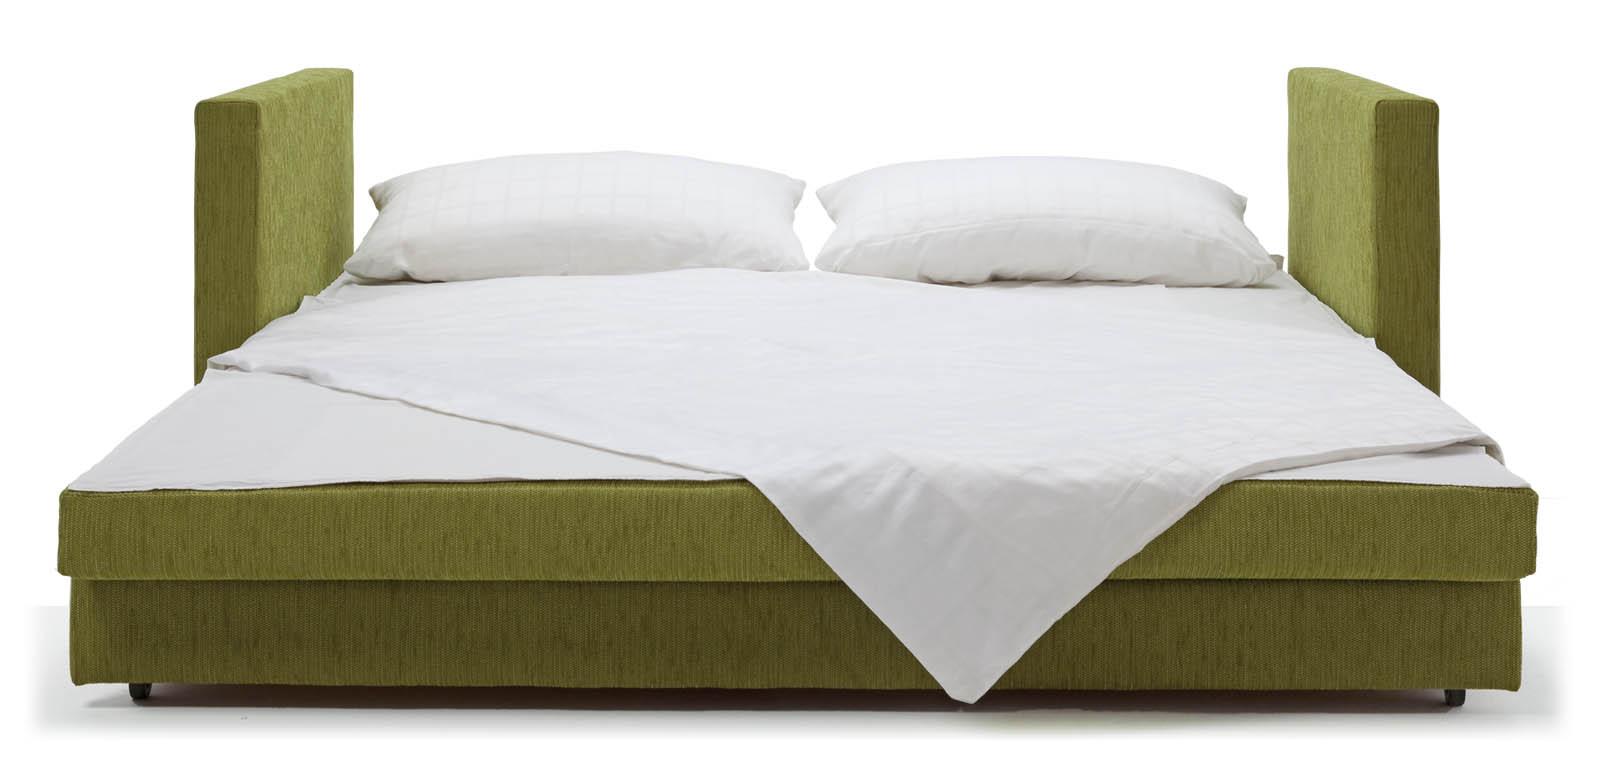 Schlafsofa mit bettkasten zum ausziehen  Schlafsofa Blu von Franz Fertig